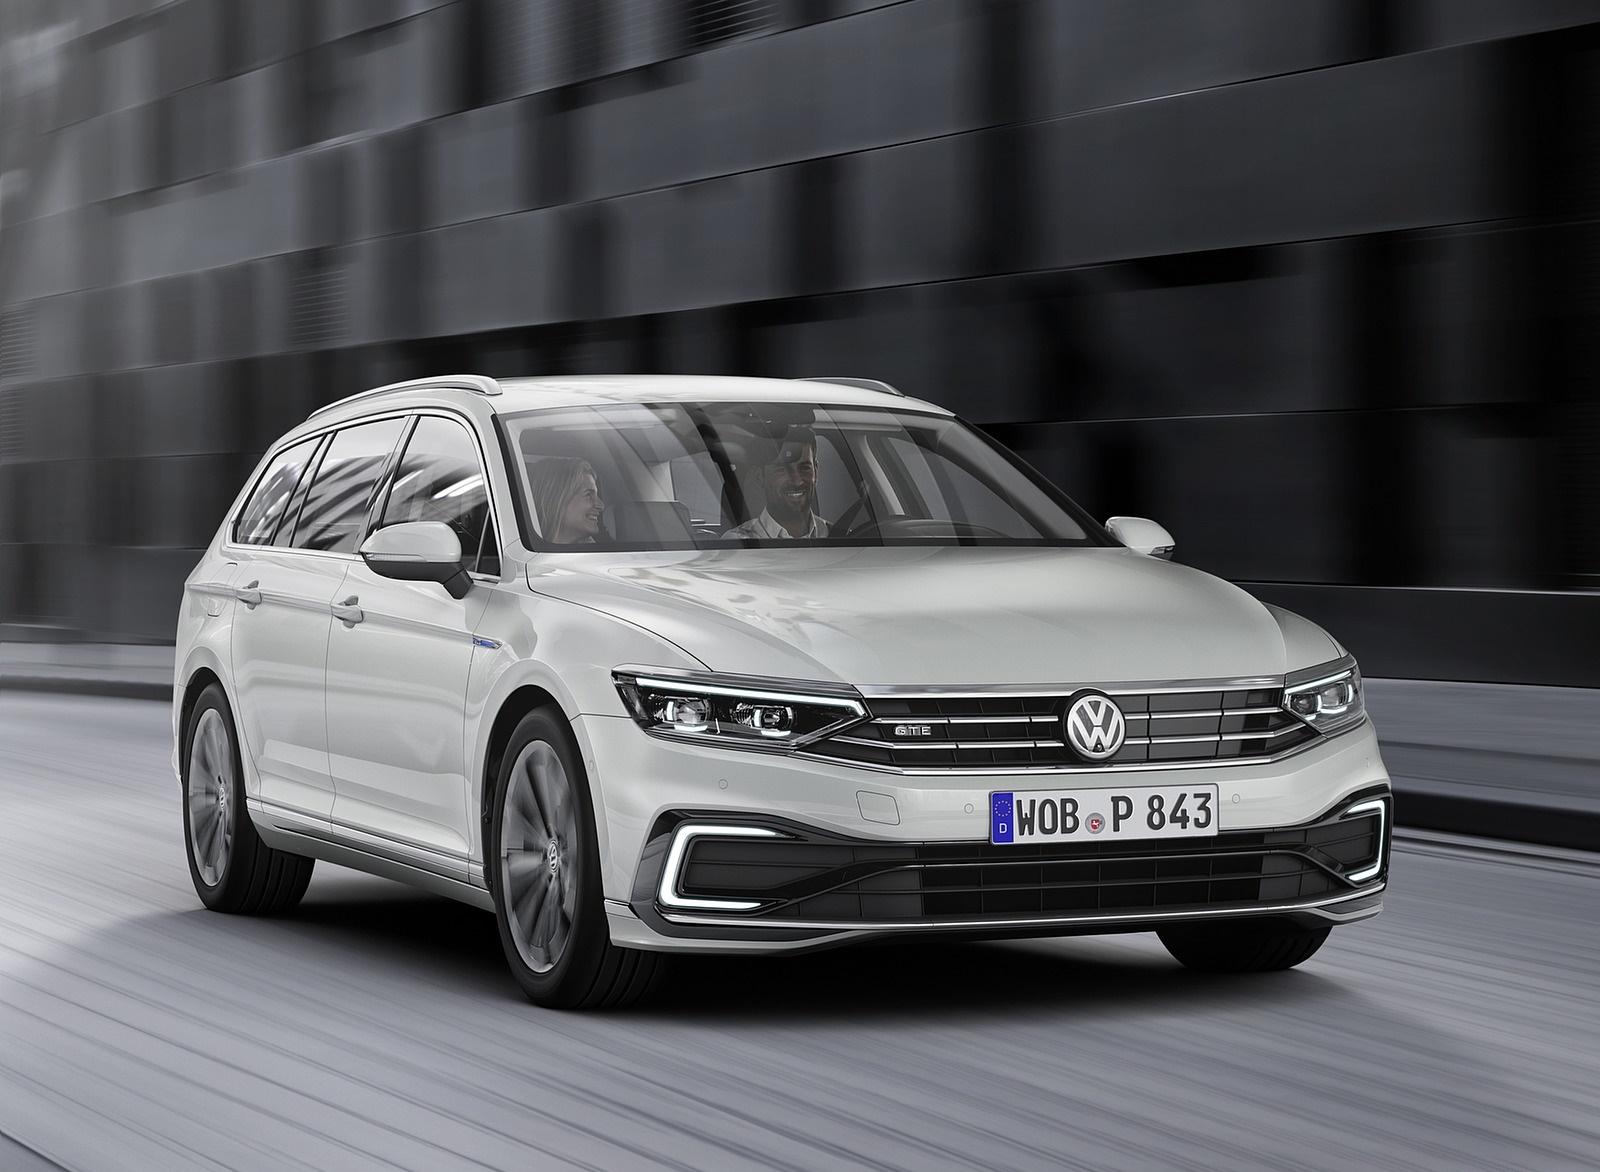 2020 Volkswagen Passat GTE Variant (EU-Spec) Front Wallpaper (4)